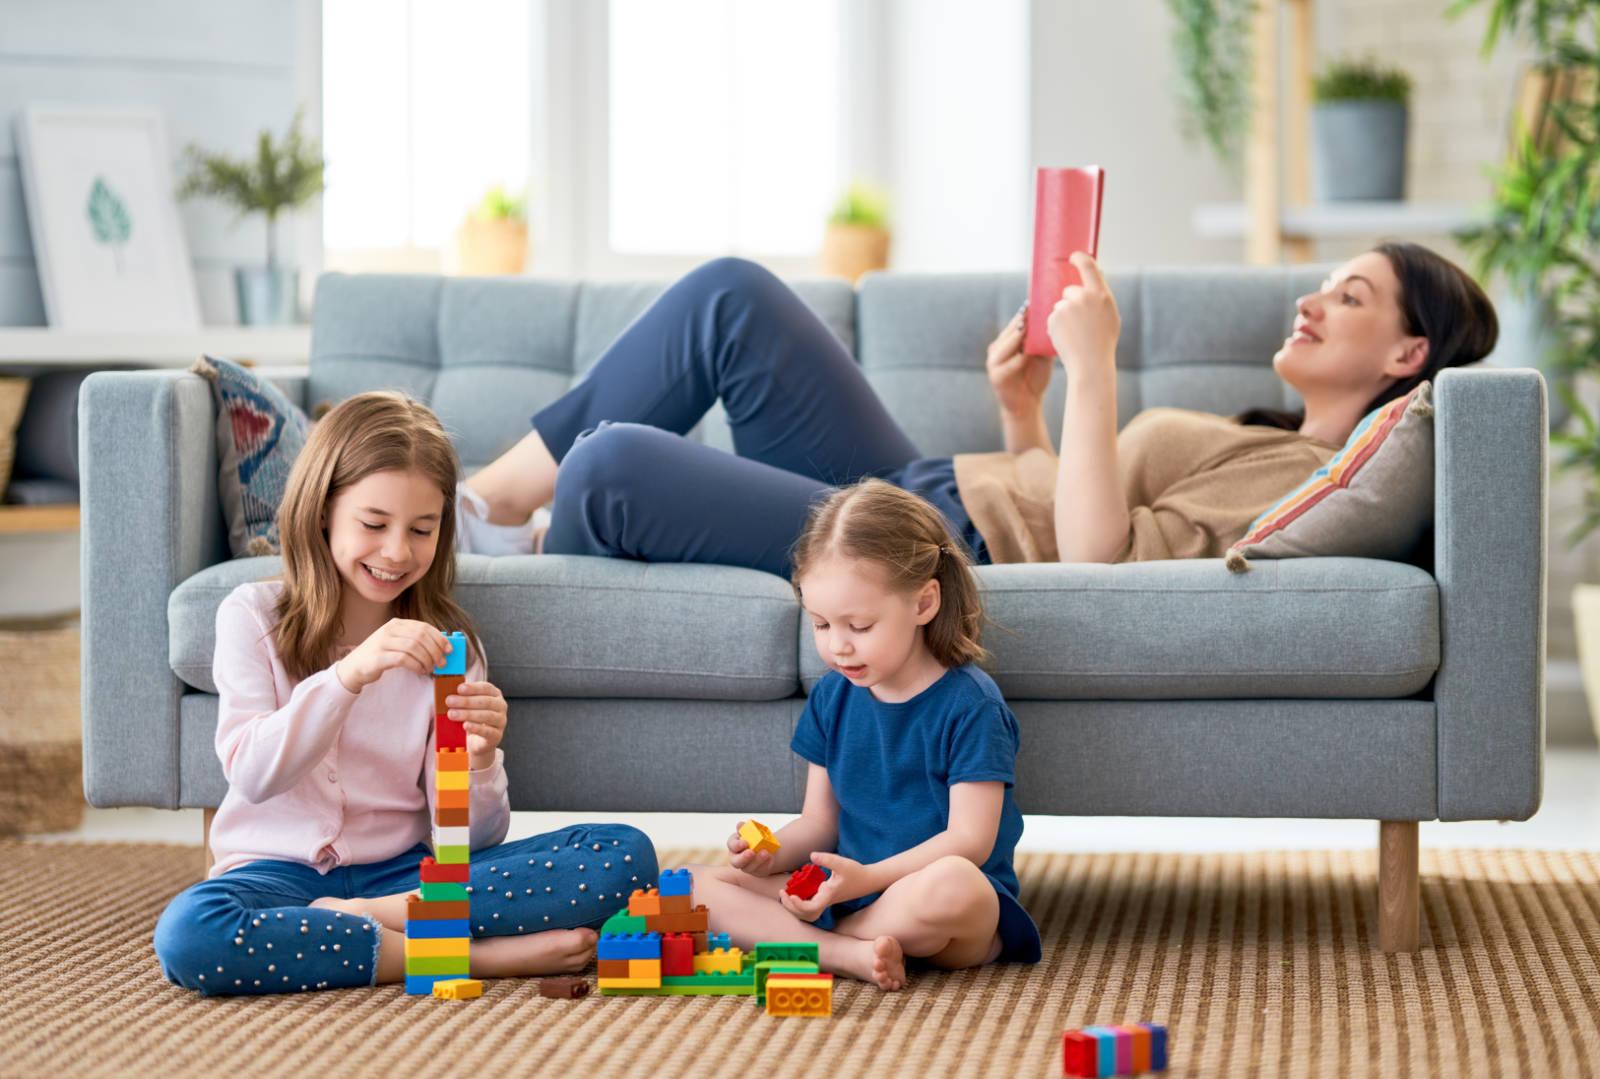 Juegos y juguetes para niños y niñas